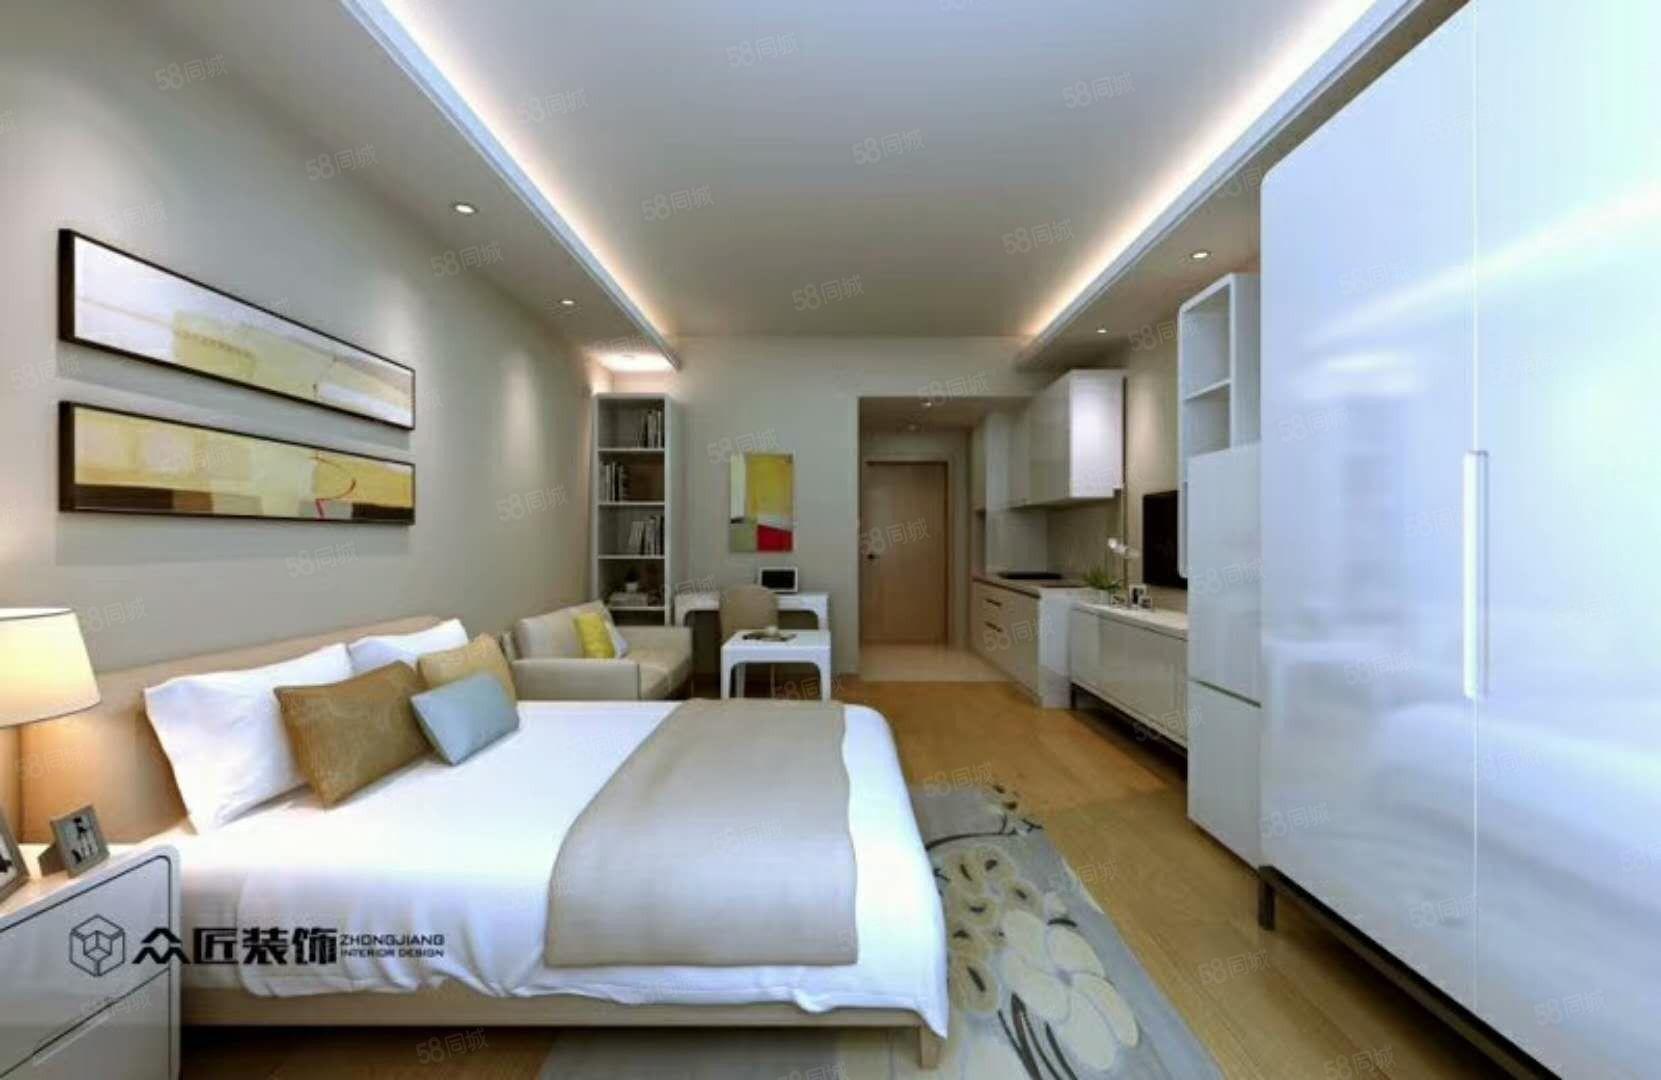 嘉宁花园单身公寓现房出售70年产权免费更名,家和房产代理。